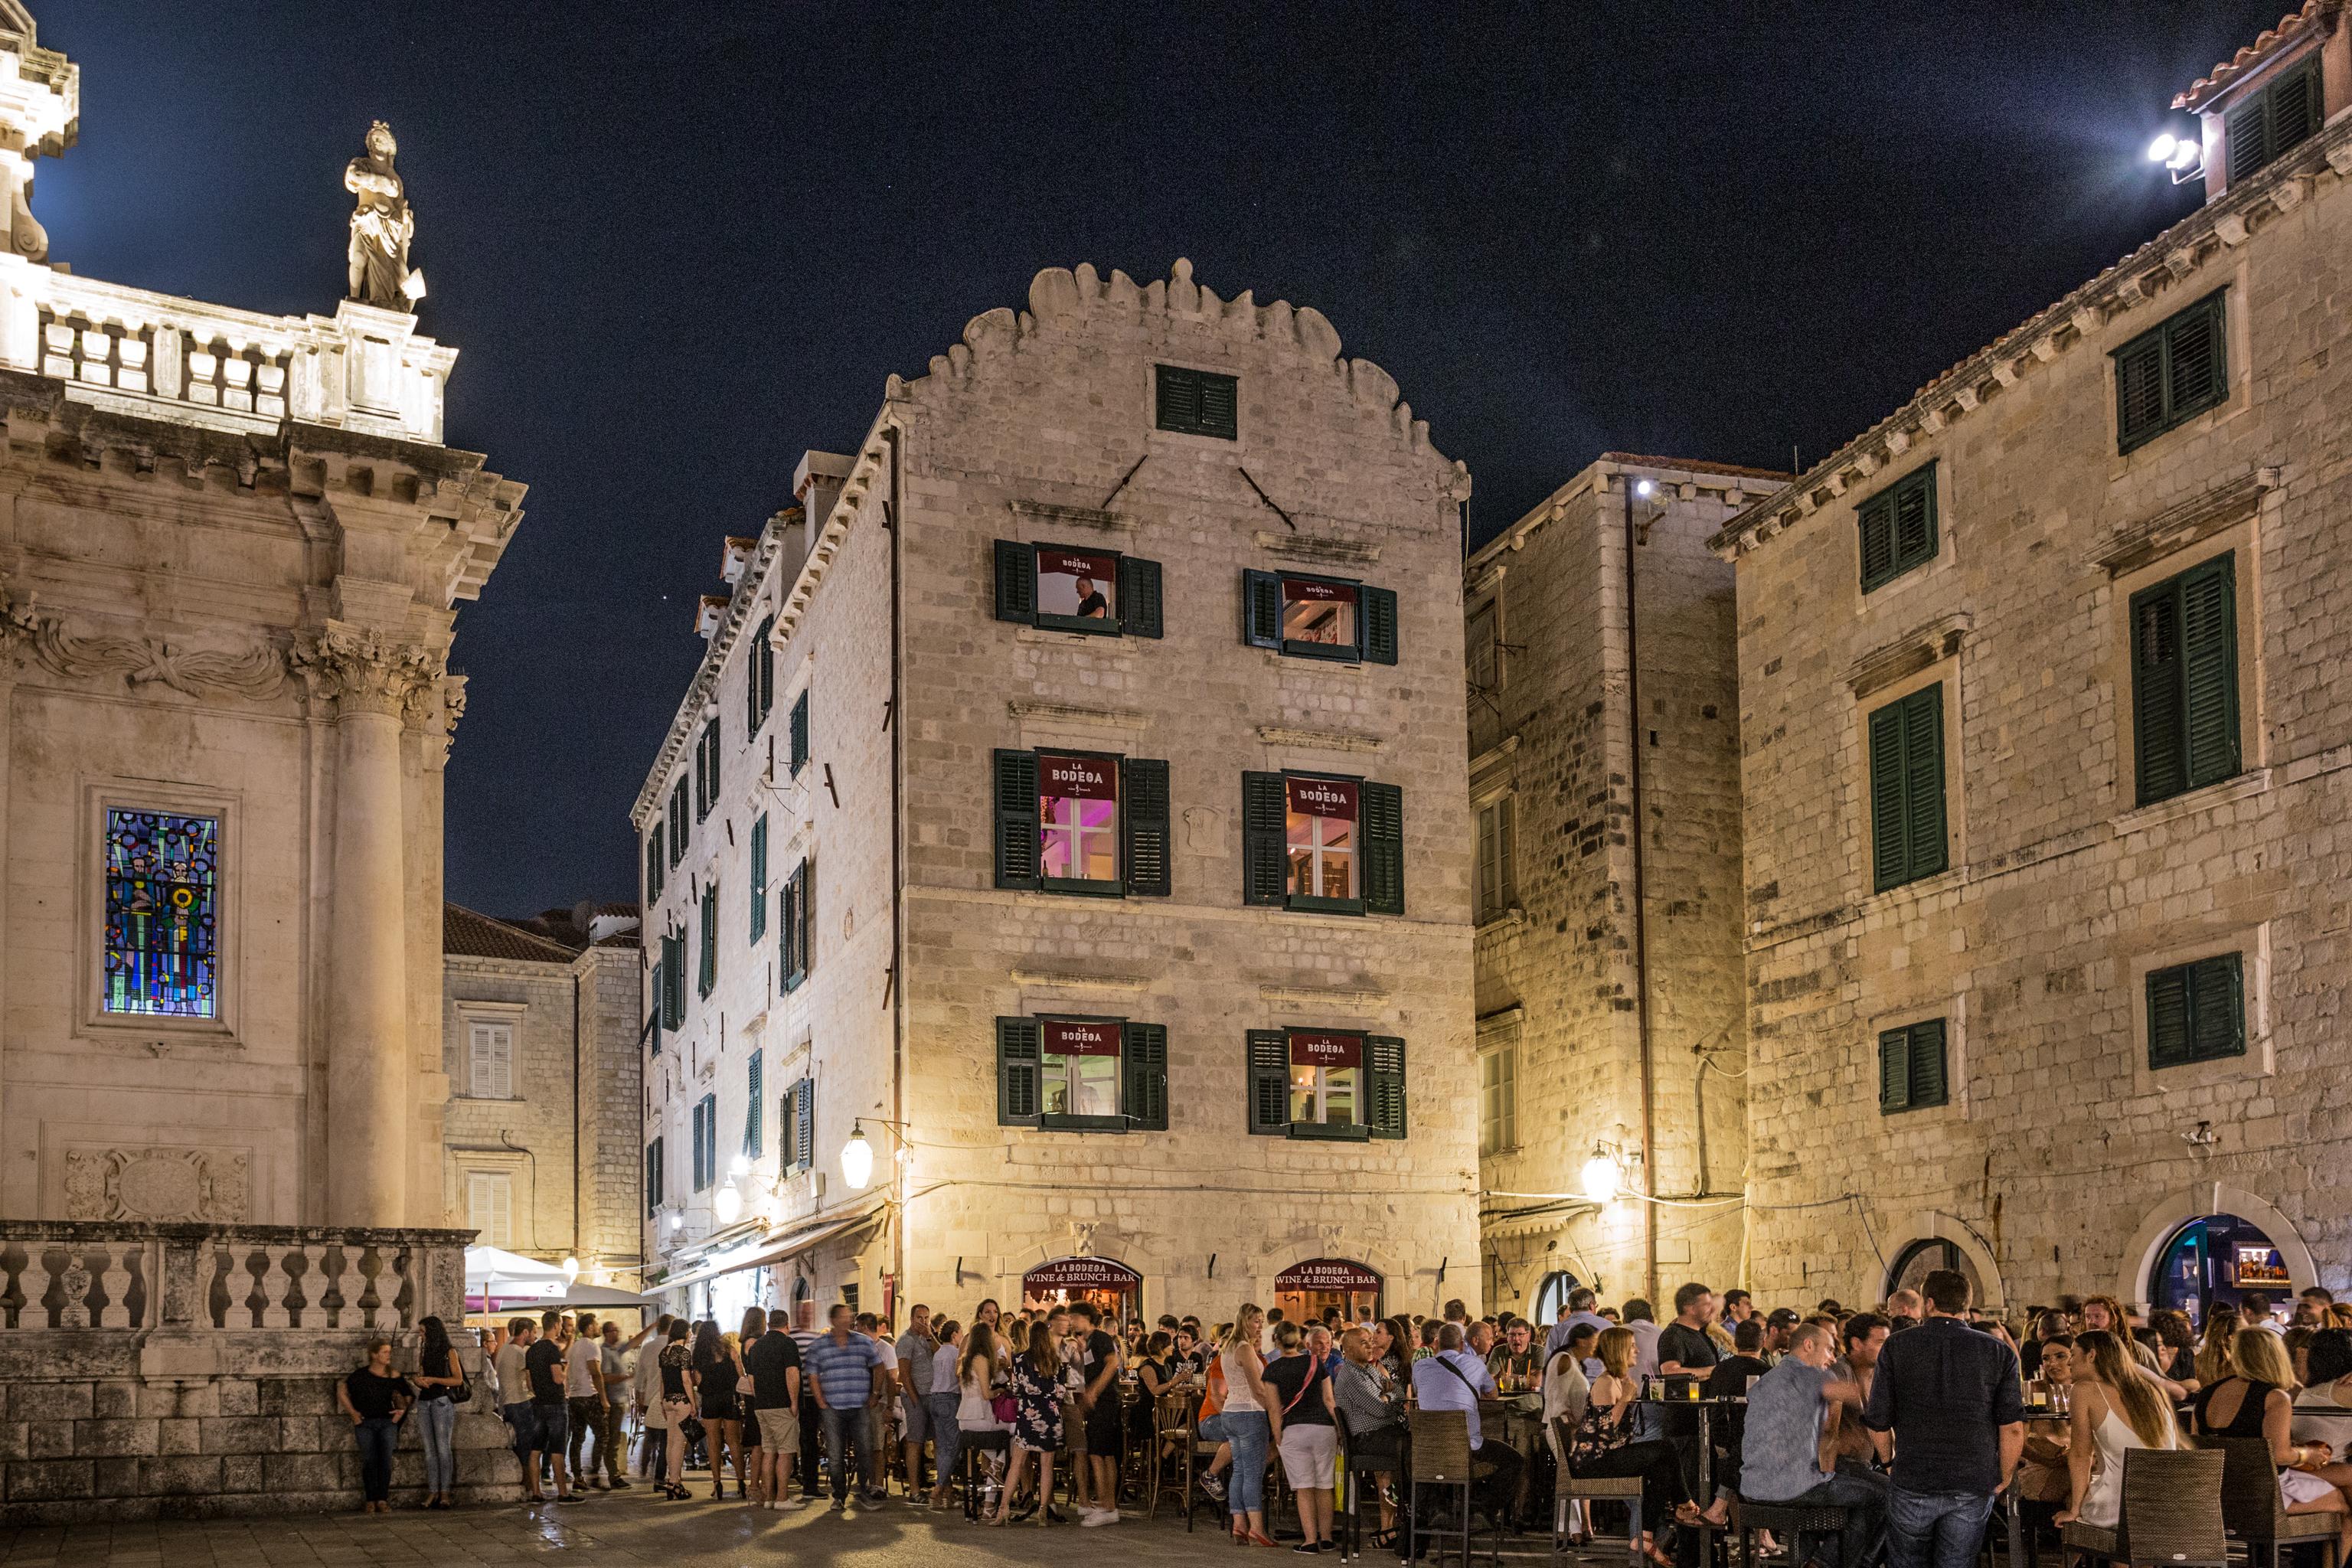 La Bodega – Dubrovnik